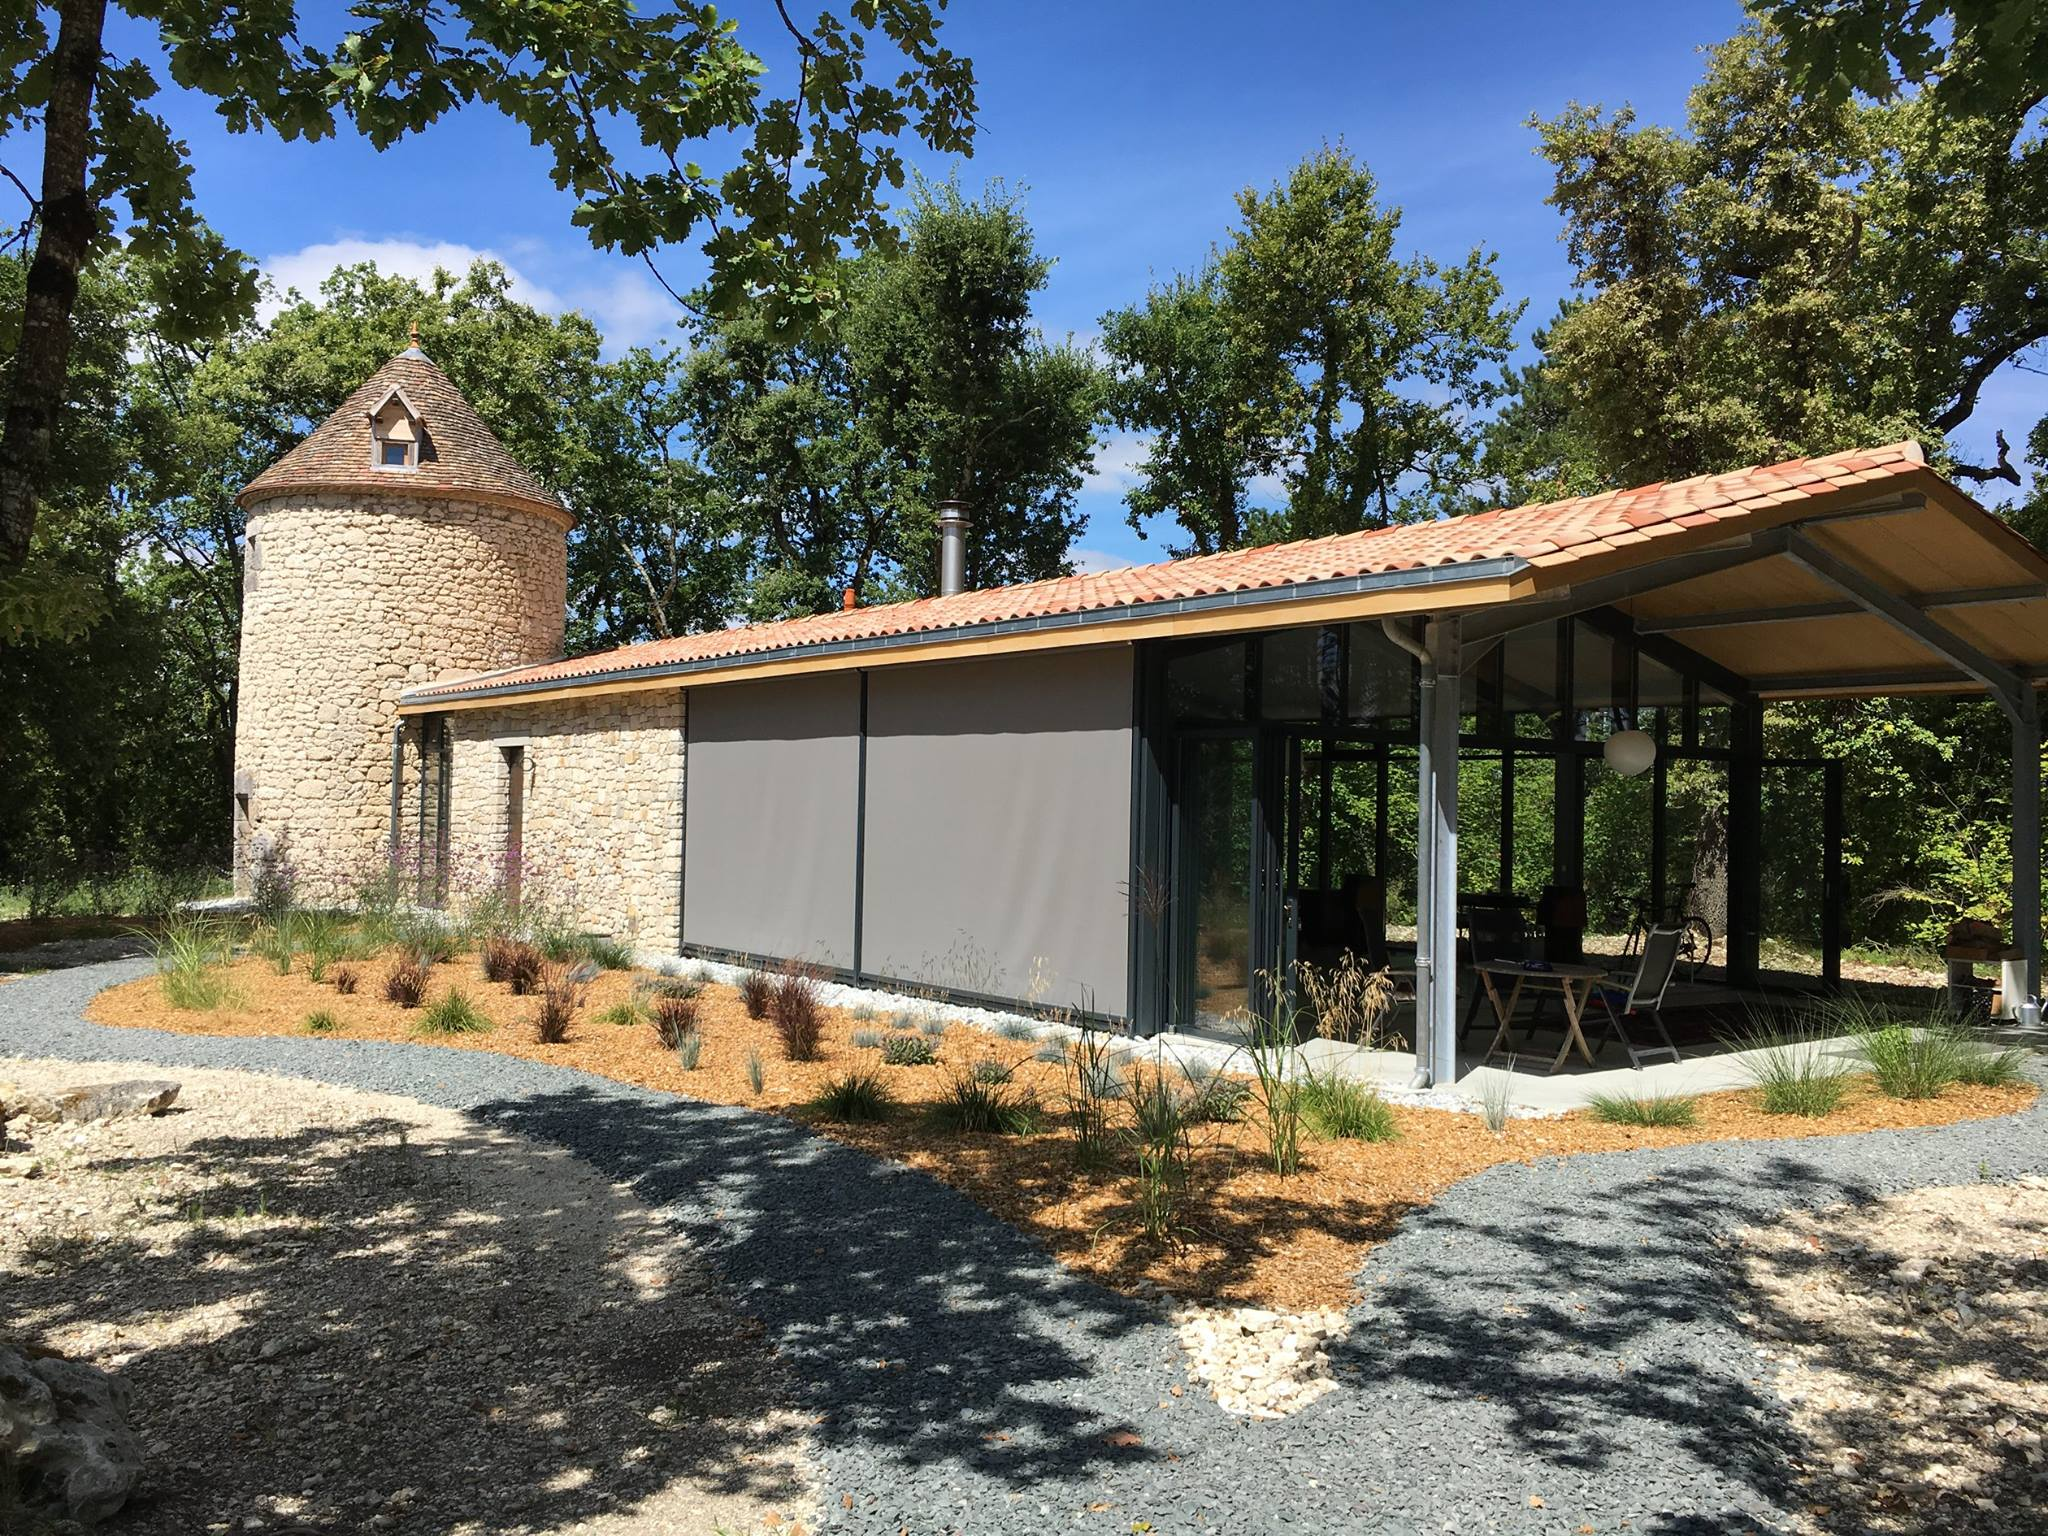 Extérieur - rénovation d'une maison atypique en Dordogne par Marcillac et fils.